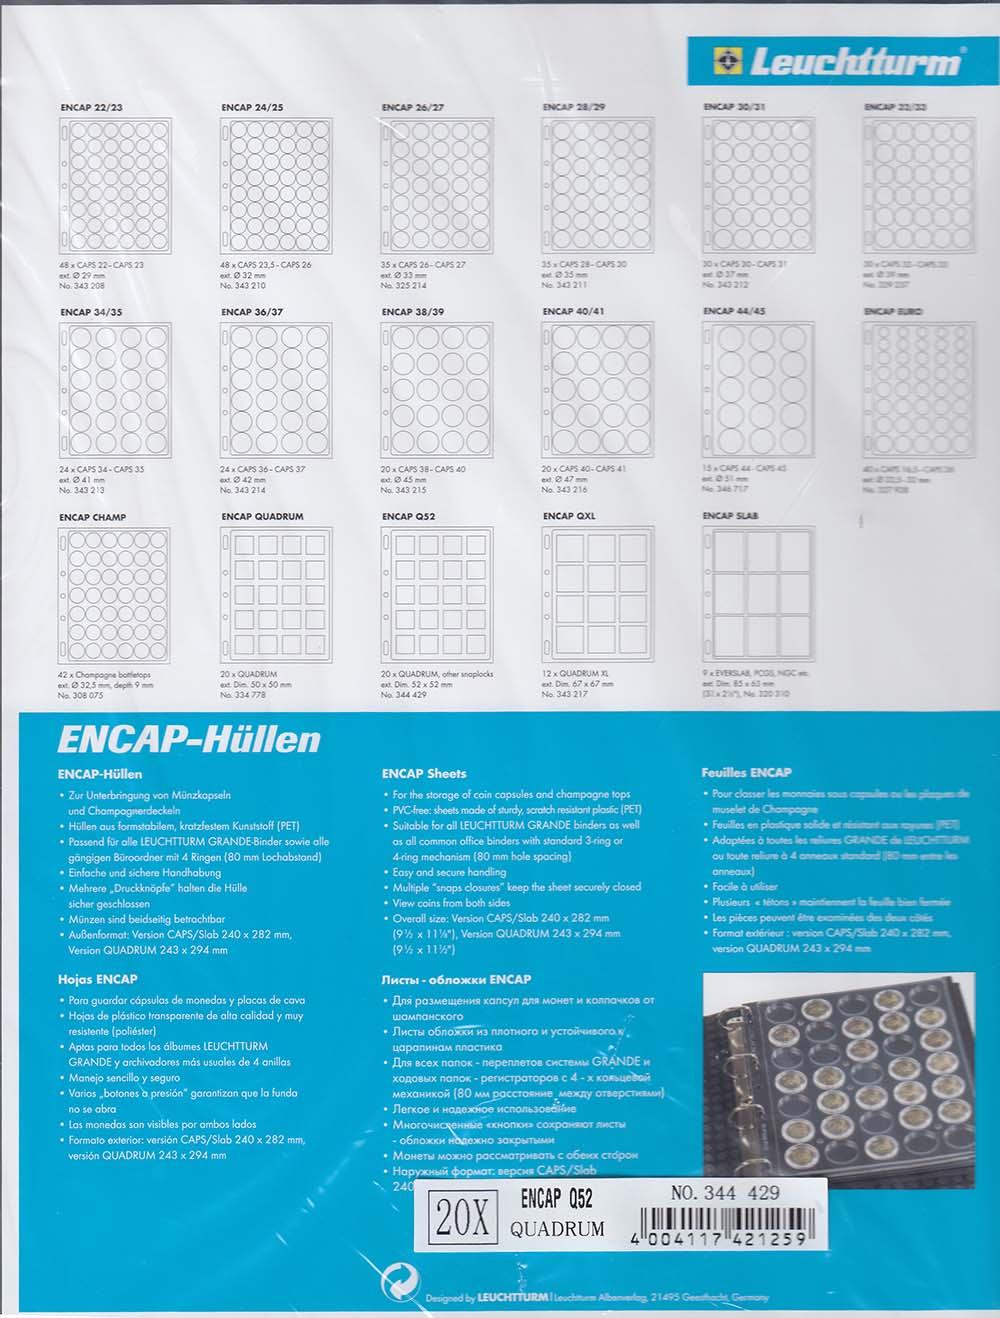 Ring Binder Album for 2x2 Quadrum Plastic Coin Capsule Holders 5 ENCAP pages